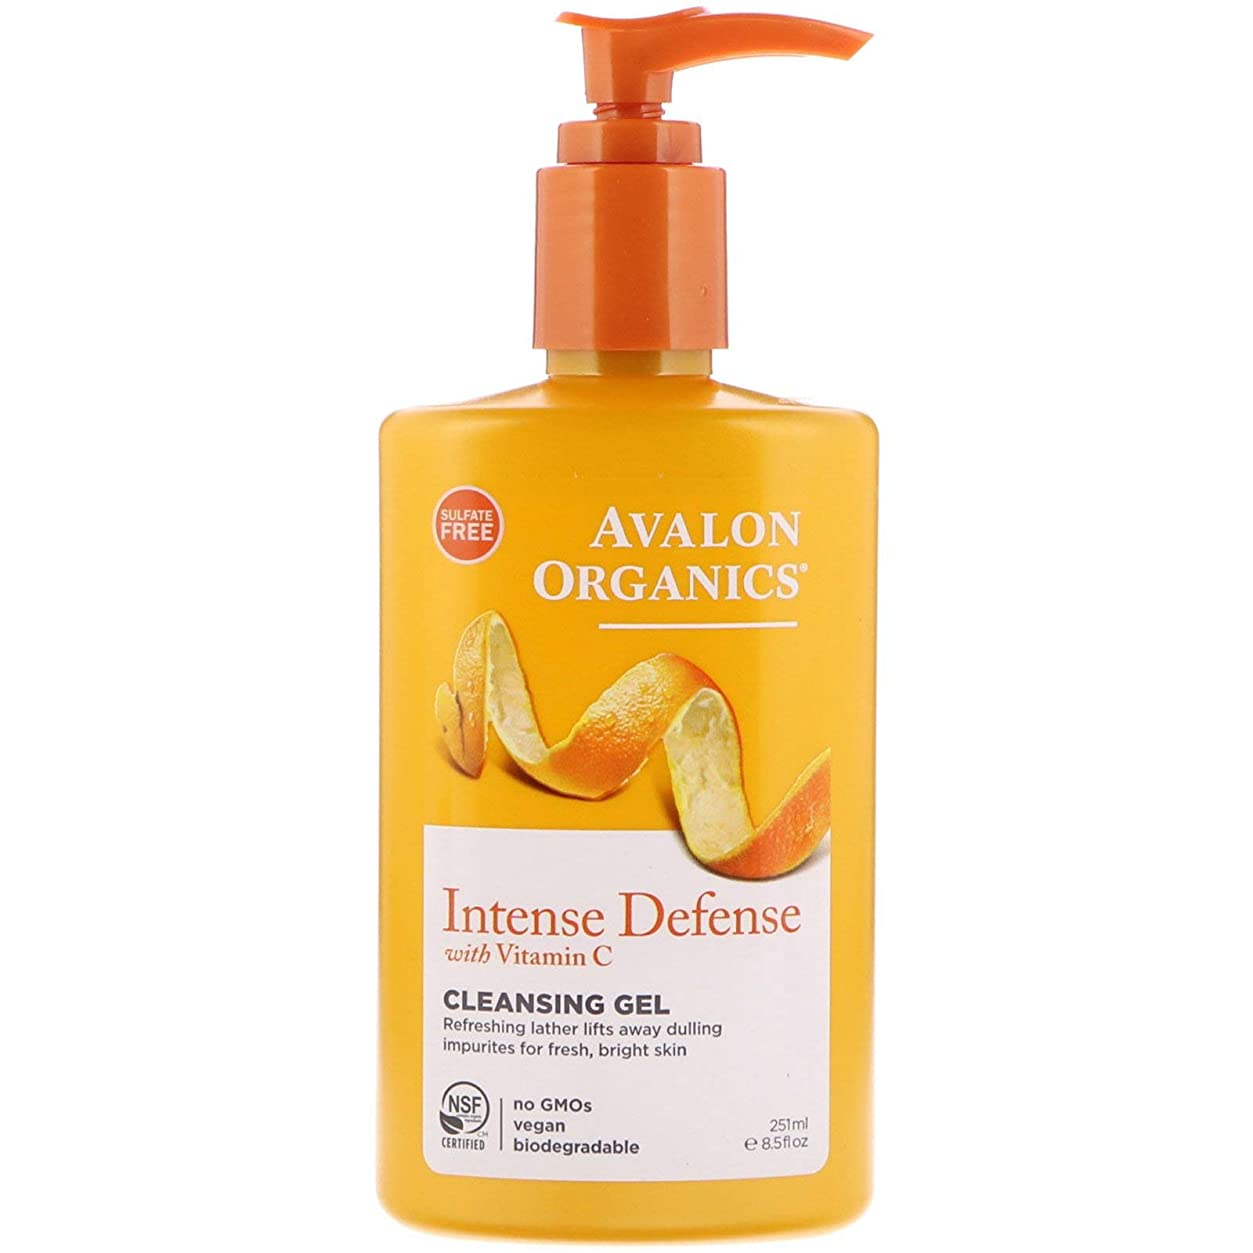 心配する枯渇こするAvalon Organics ビタミンC リニューアル リフレッシング クレンジングジェル 8.5 fl oz (251 ml) [並行輸入品]